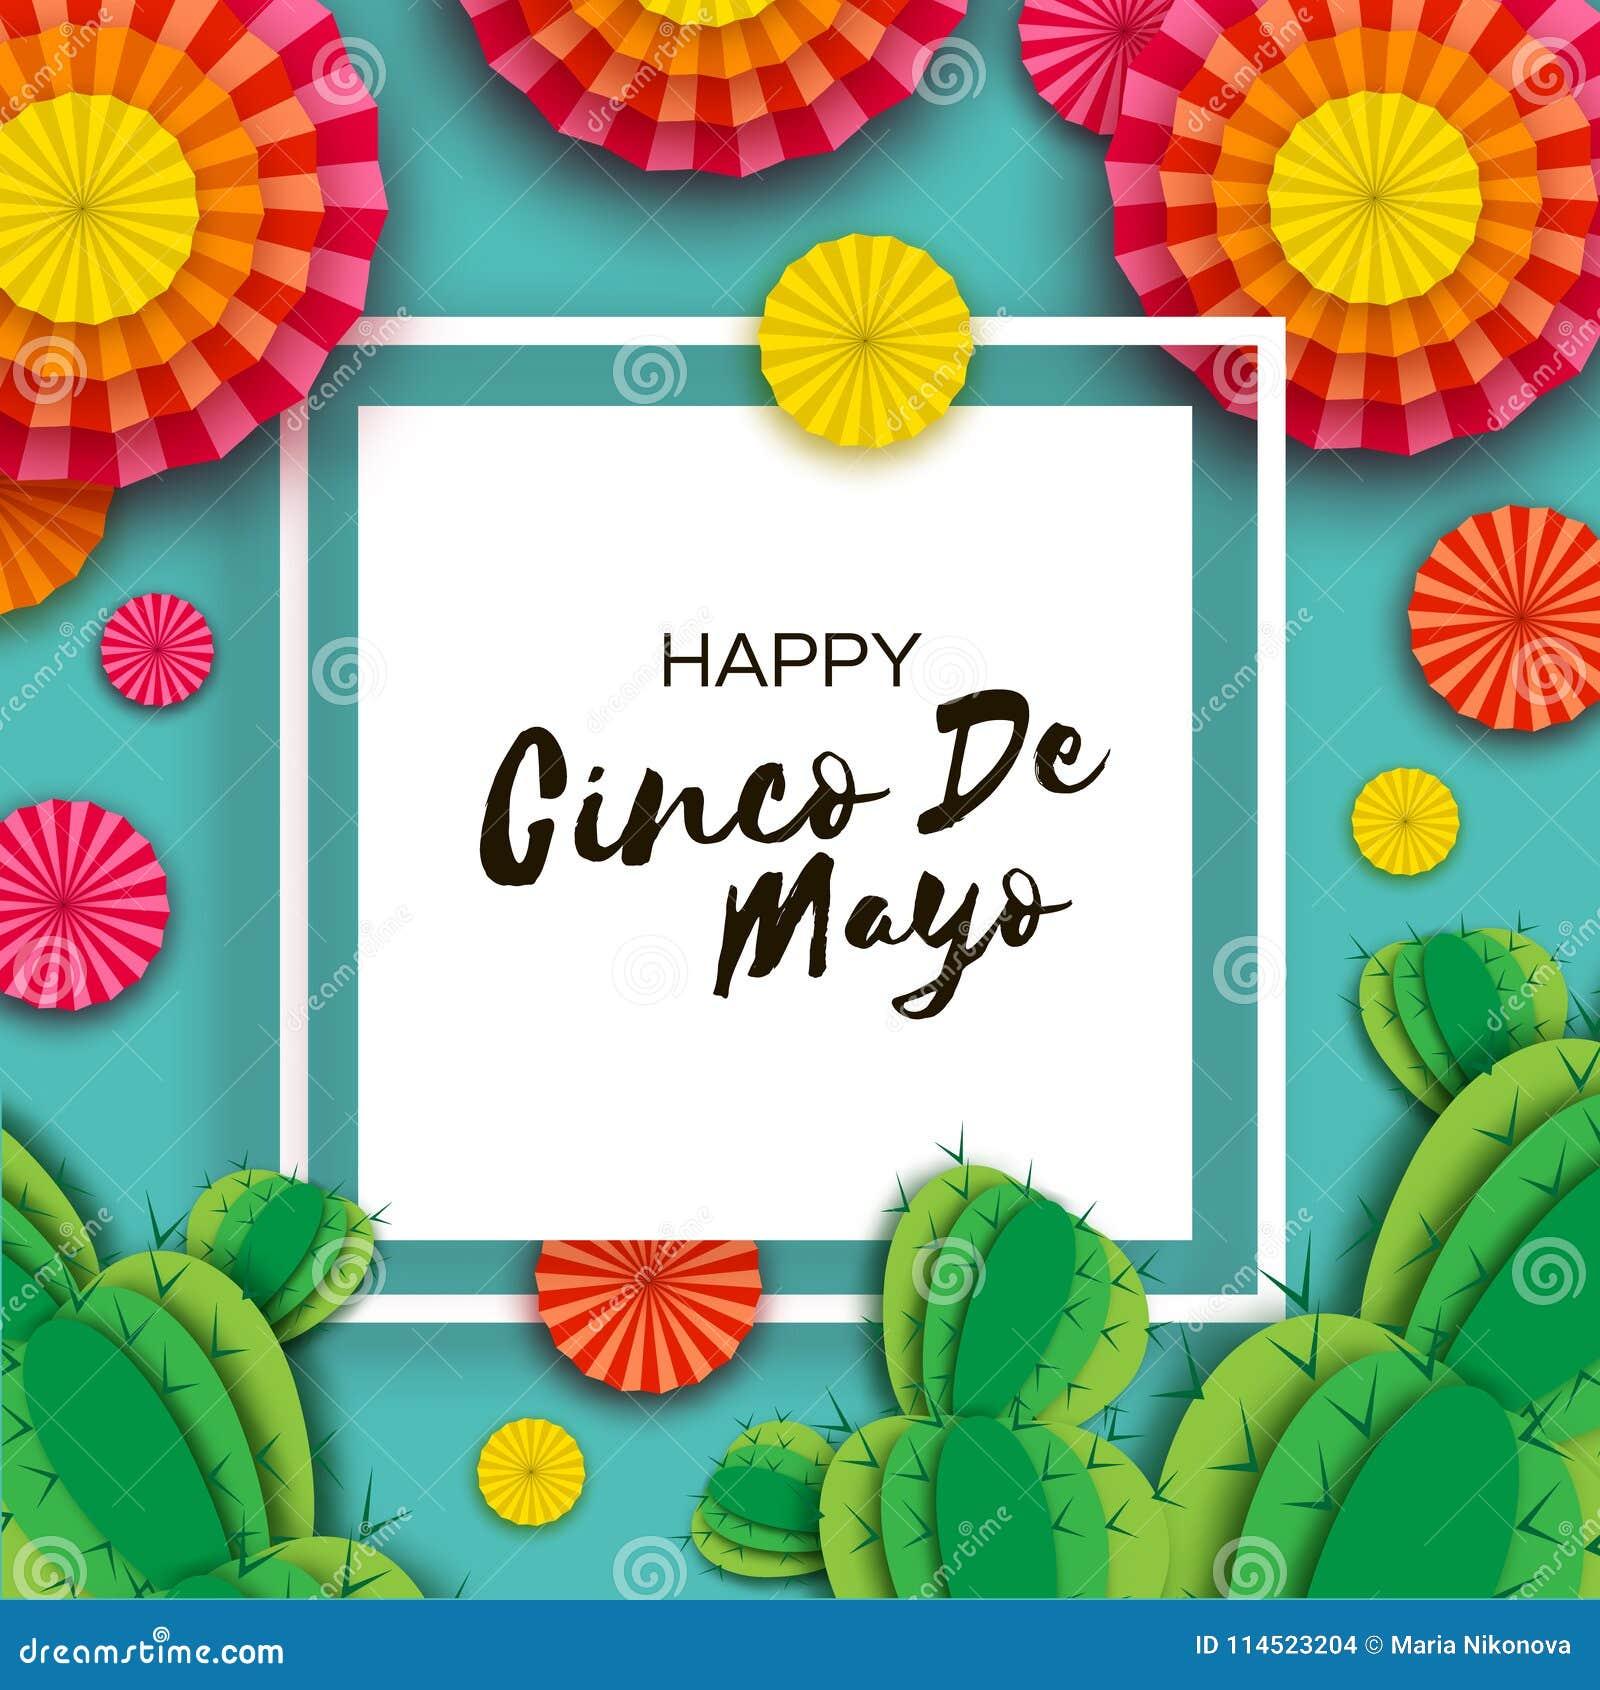 Ευτυχής ευχετήρια κάρτα Cinco de Mayo Ζωηρόχρωμοι πορτοκαλιοί ανεμιστήρας και κάκτος εγγράφου στο ύφος περικοπών εγγράφου Μεξικό,